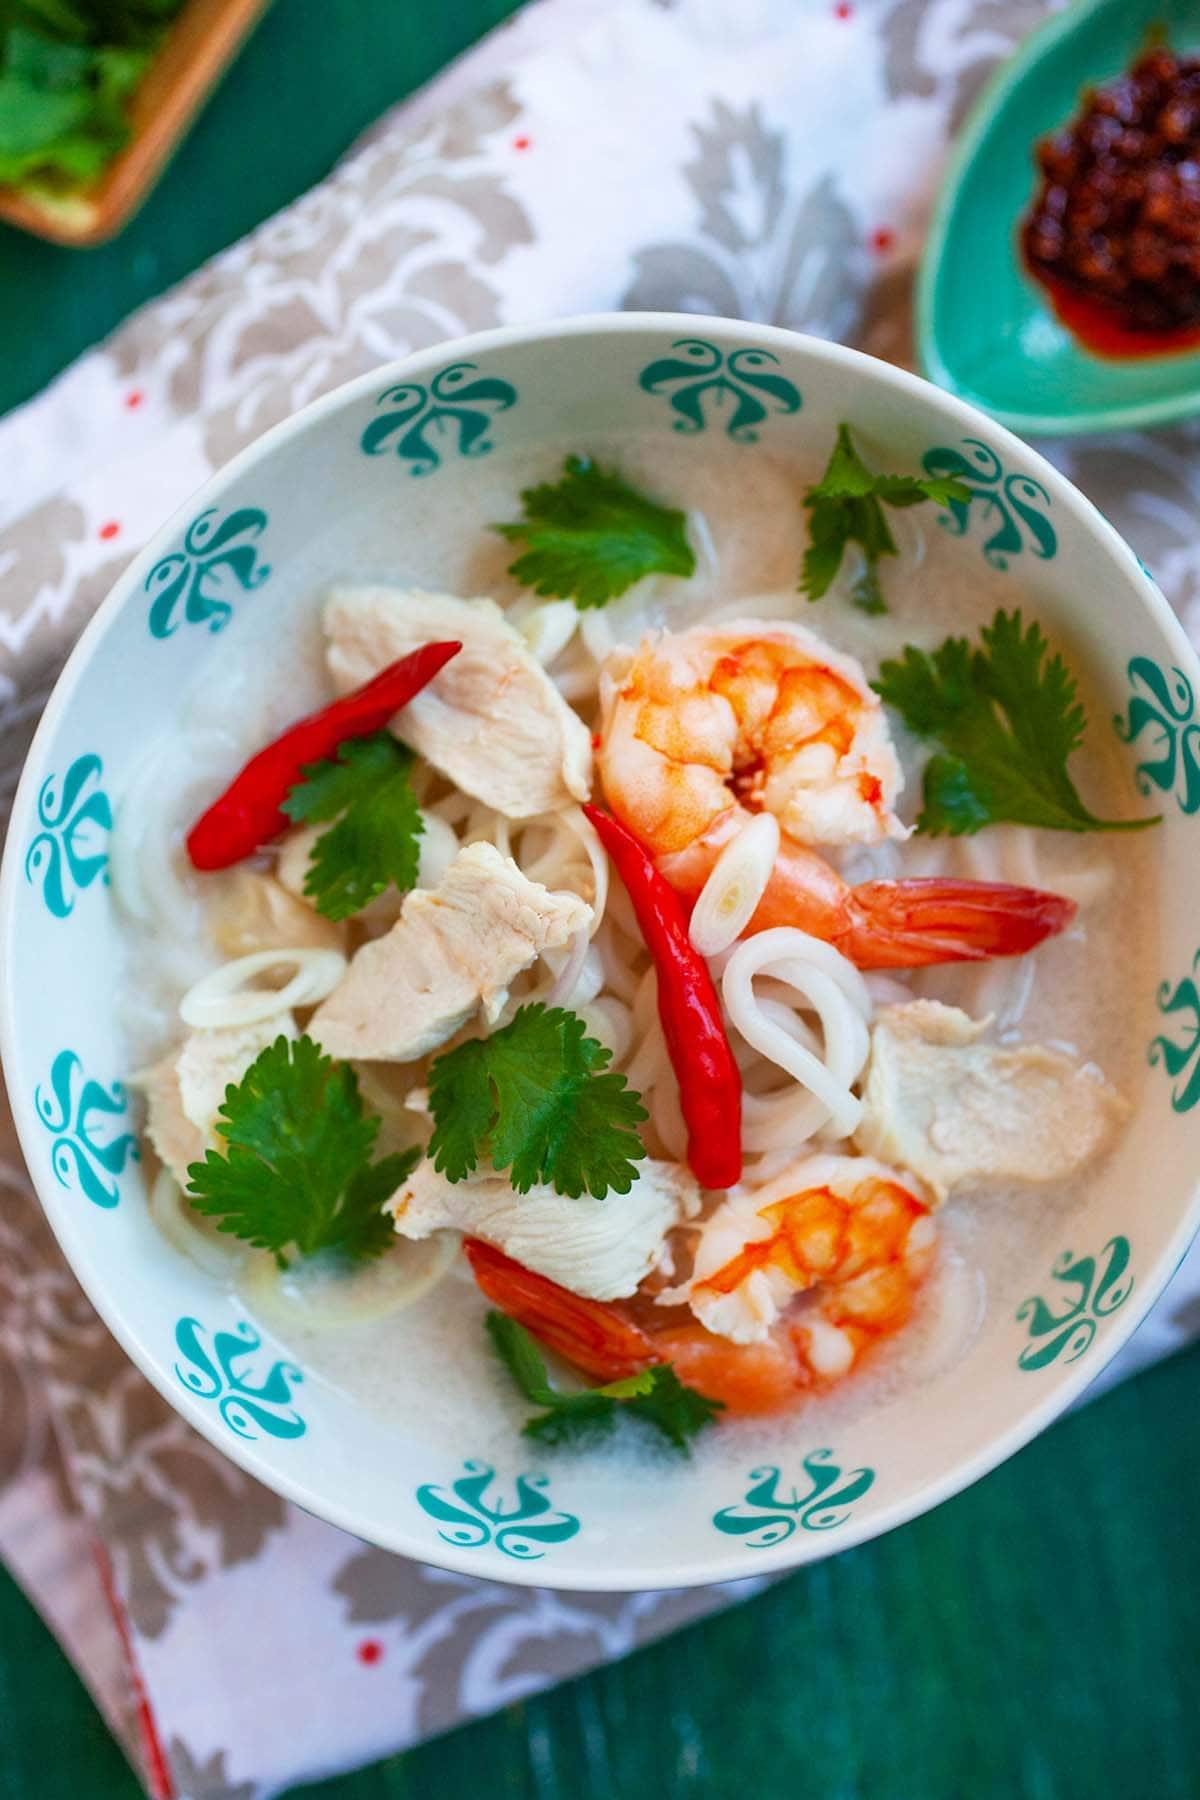 Soupe de poulet à la lime et à la noix de coco thaïlandaise maison facile et rapide avec des nouilles servie dans un bol.